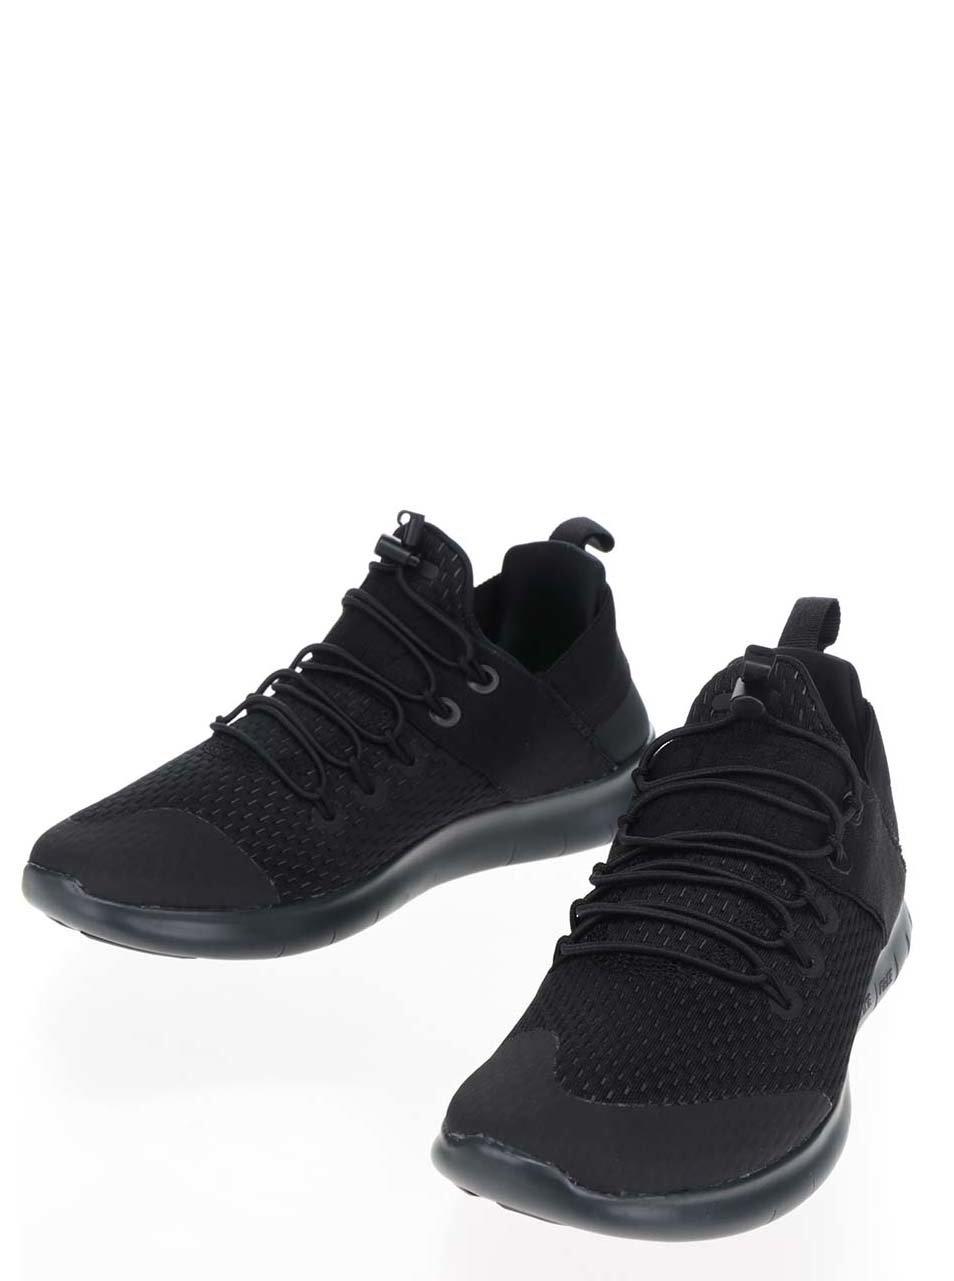 Černé dámské tenisky Nike Free Commuter ... ecd918849ca